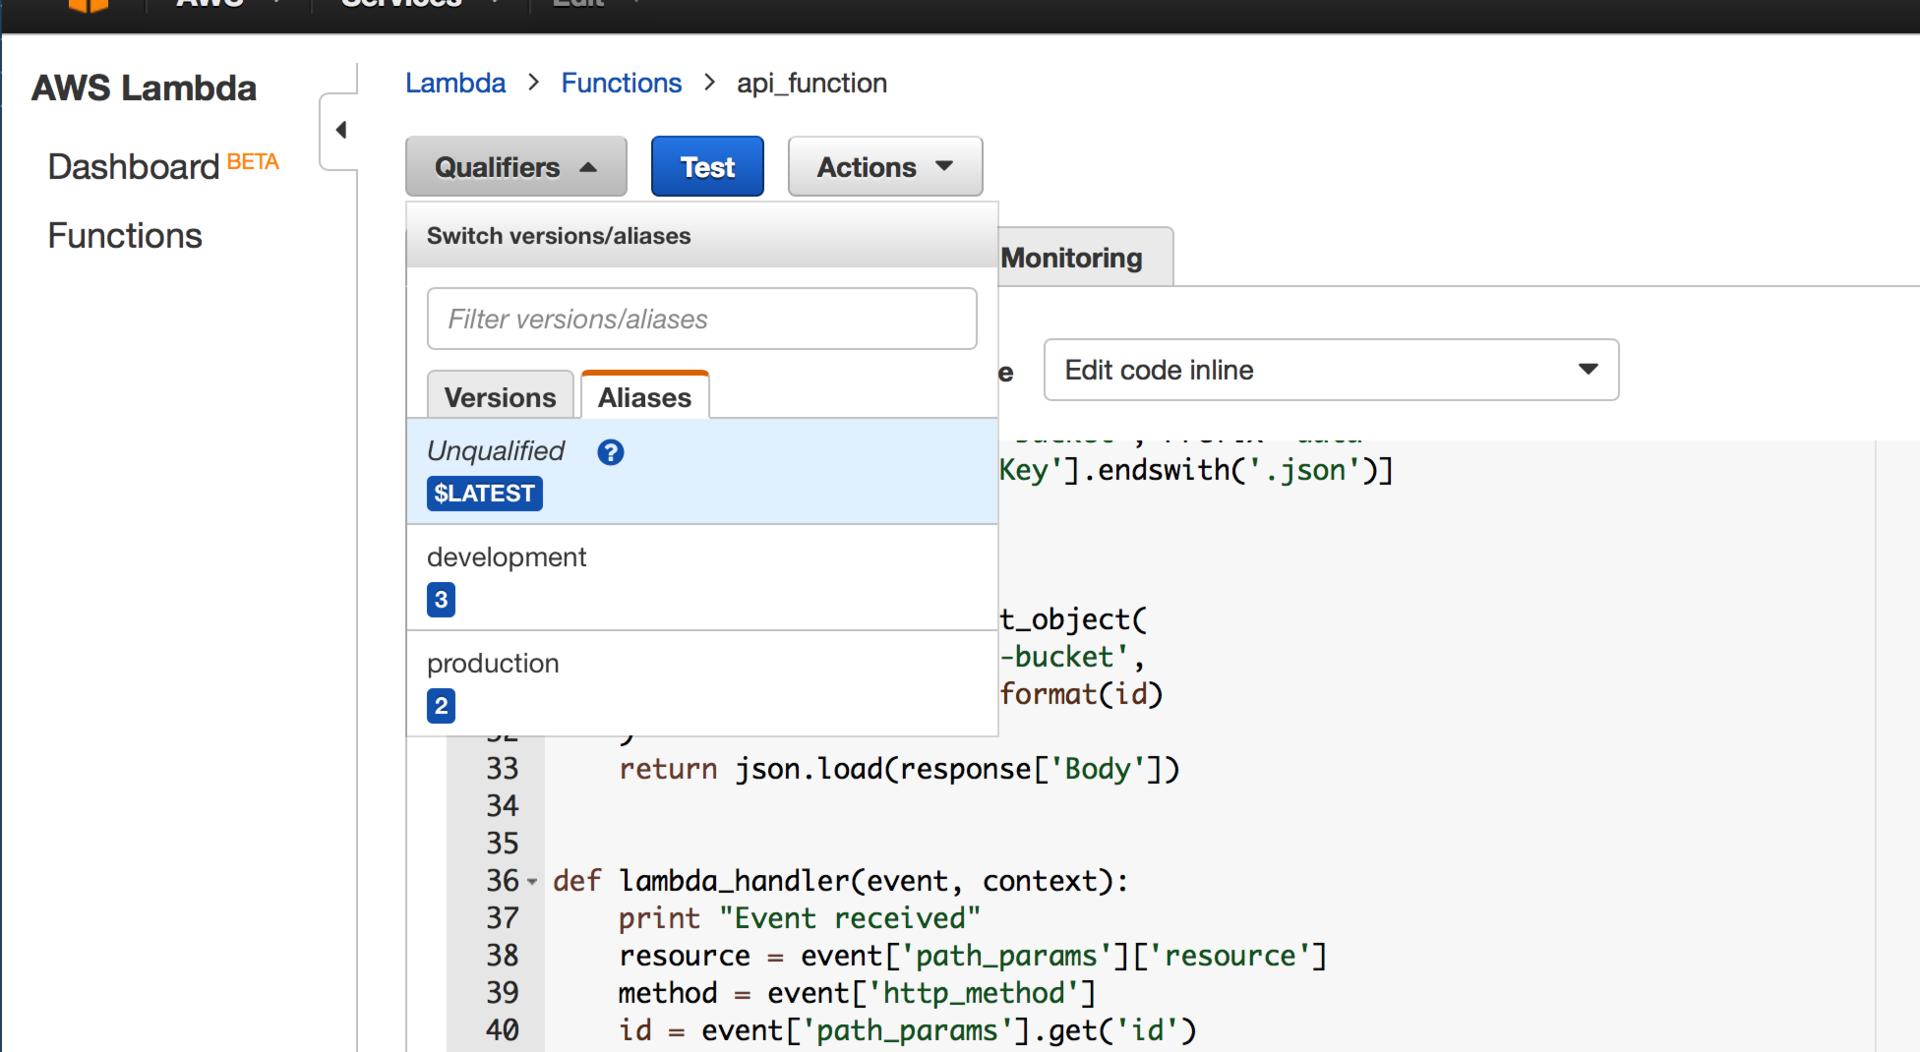 Создание WebView приложения на базе AWS ApiGateway и AWS Lambda - 7